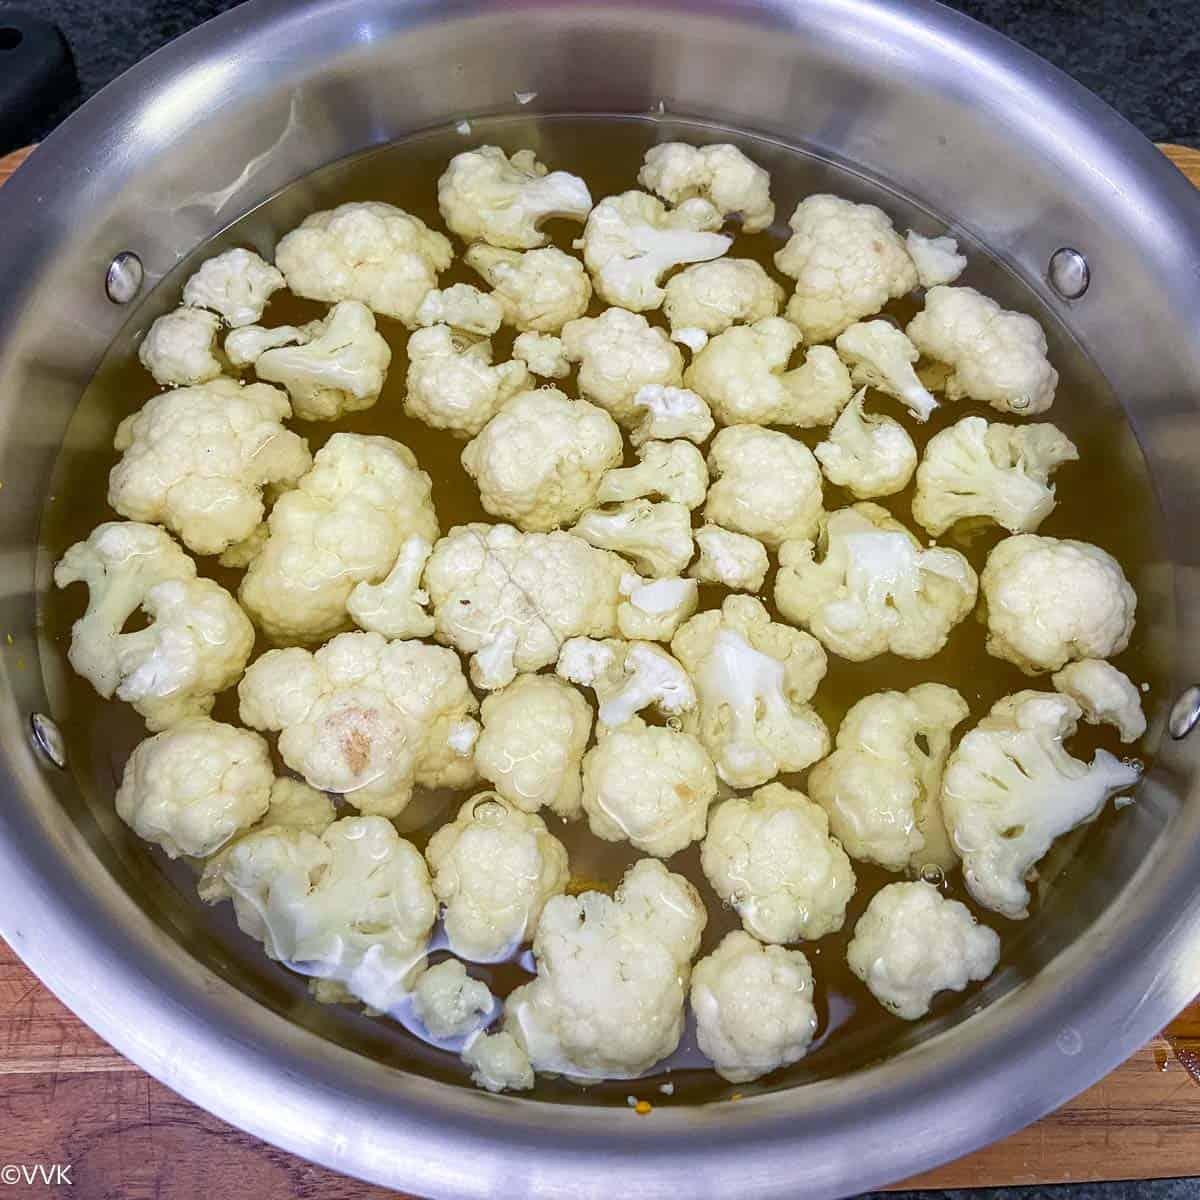 blanching the cauliflower